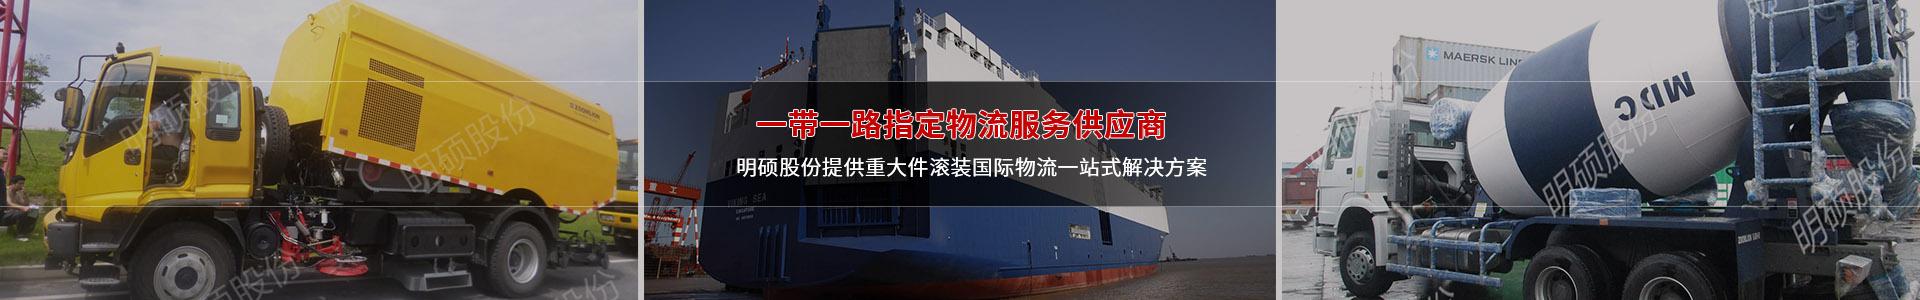 明硕为重大件国际物流提供一站式解决方案